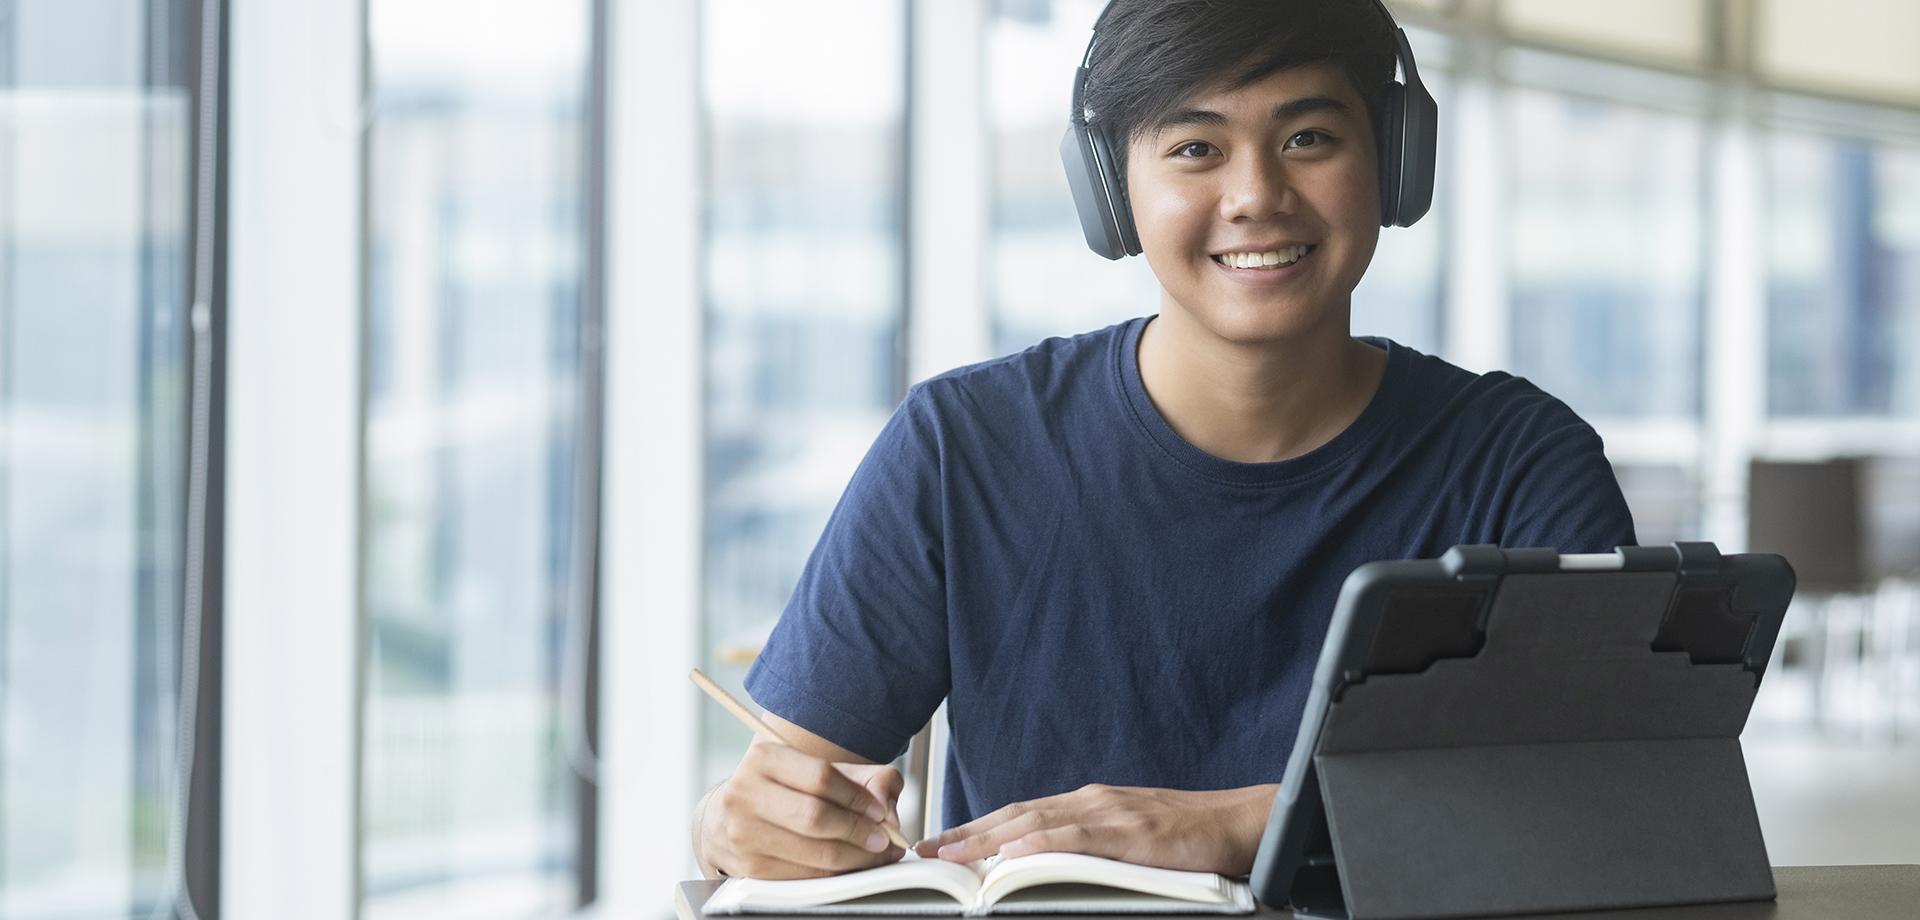 Estude onde e quando você quiser!